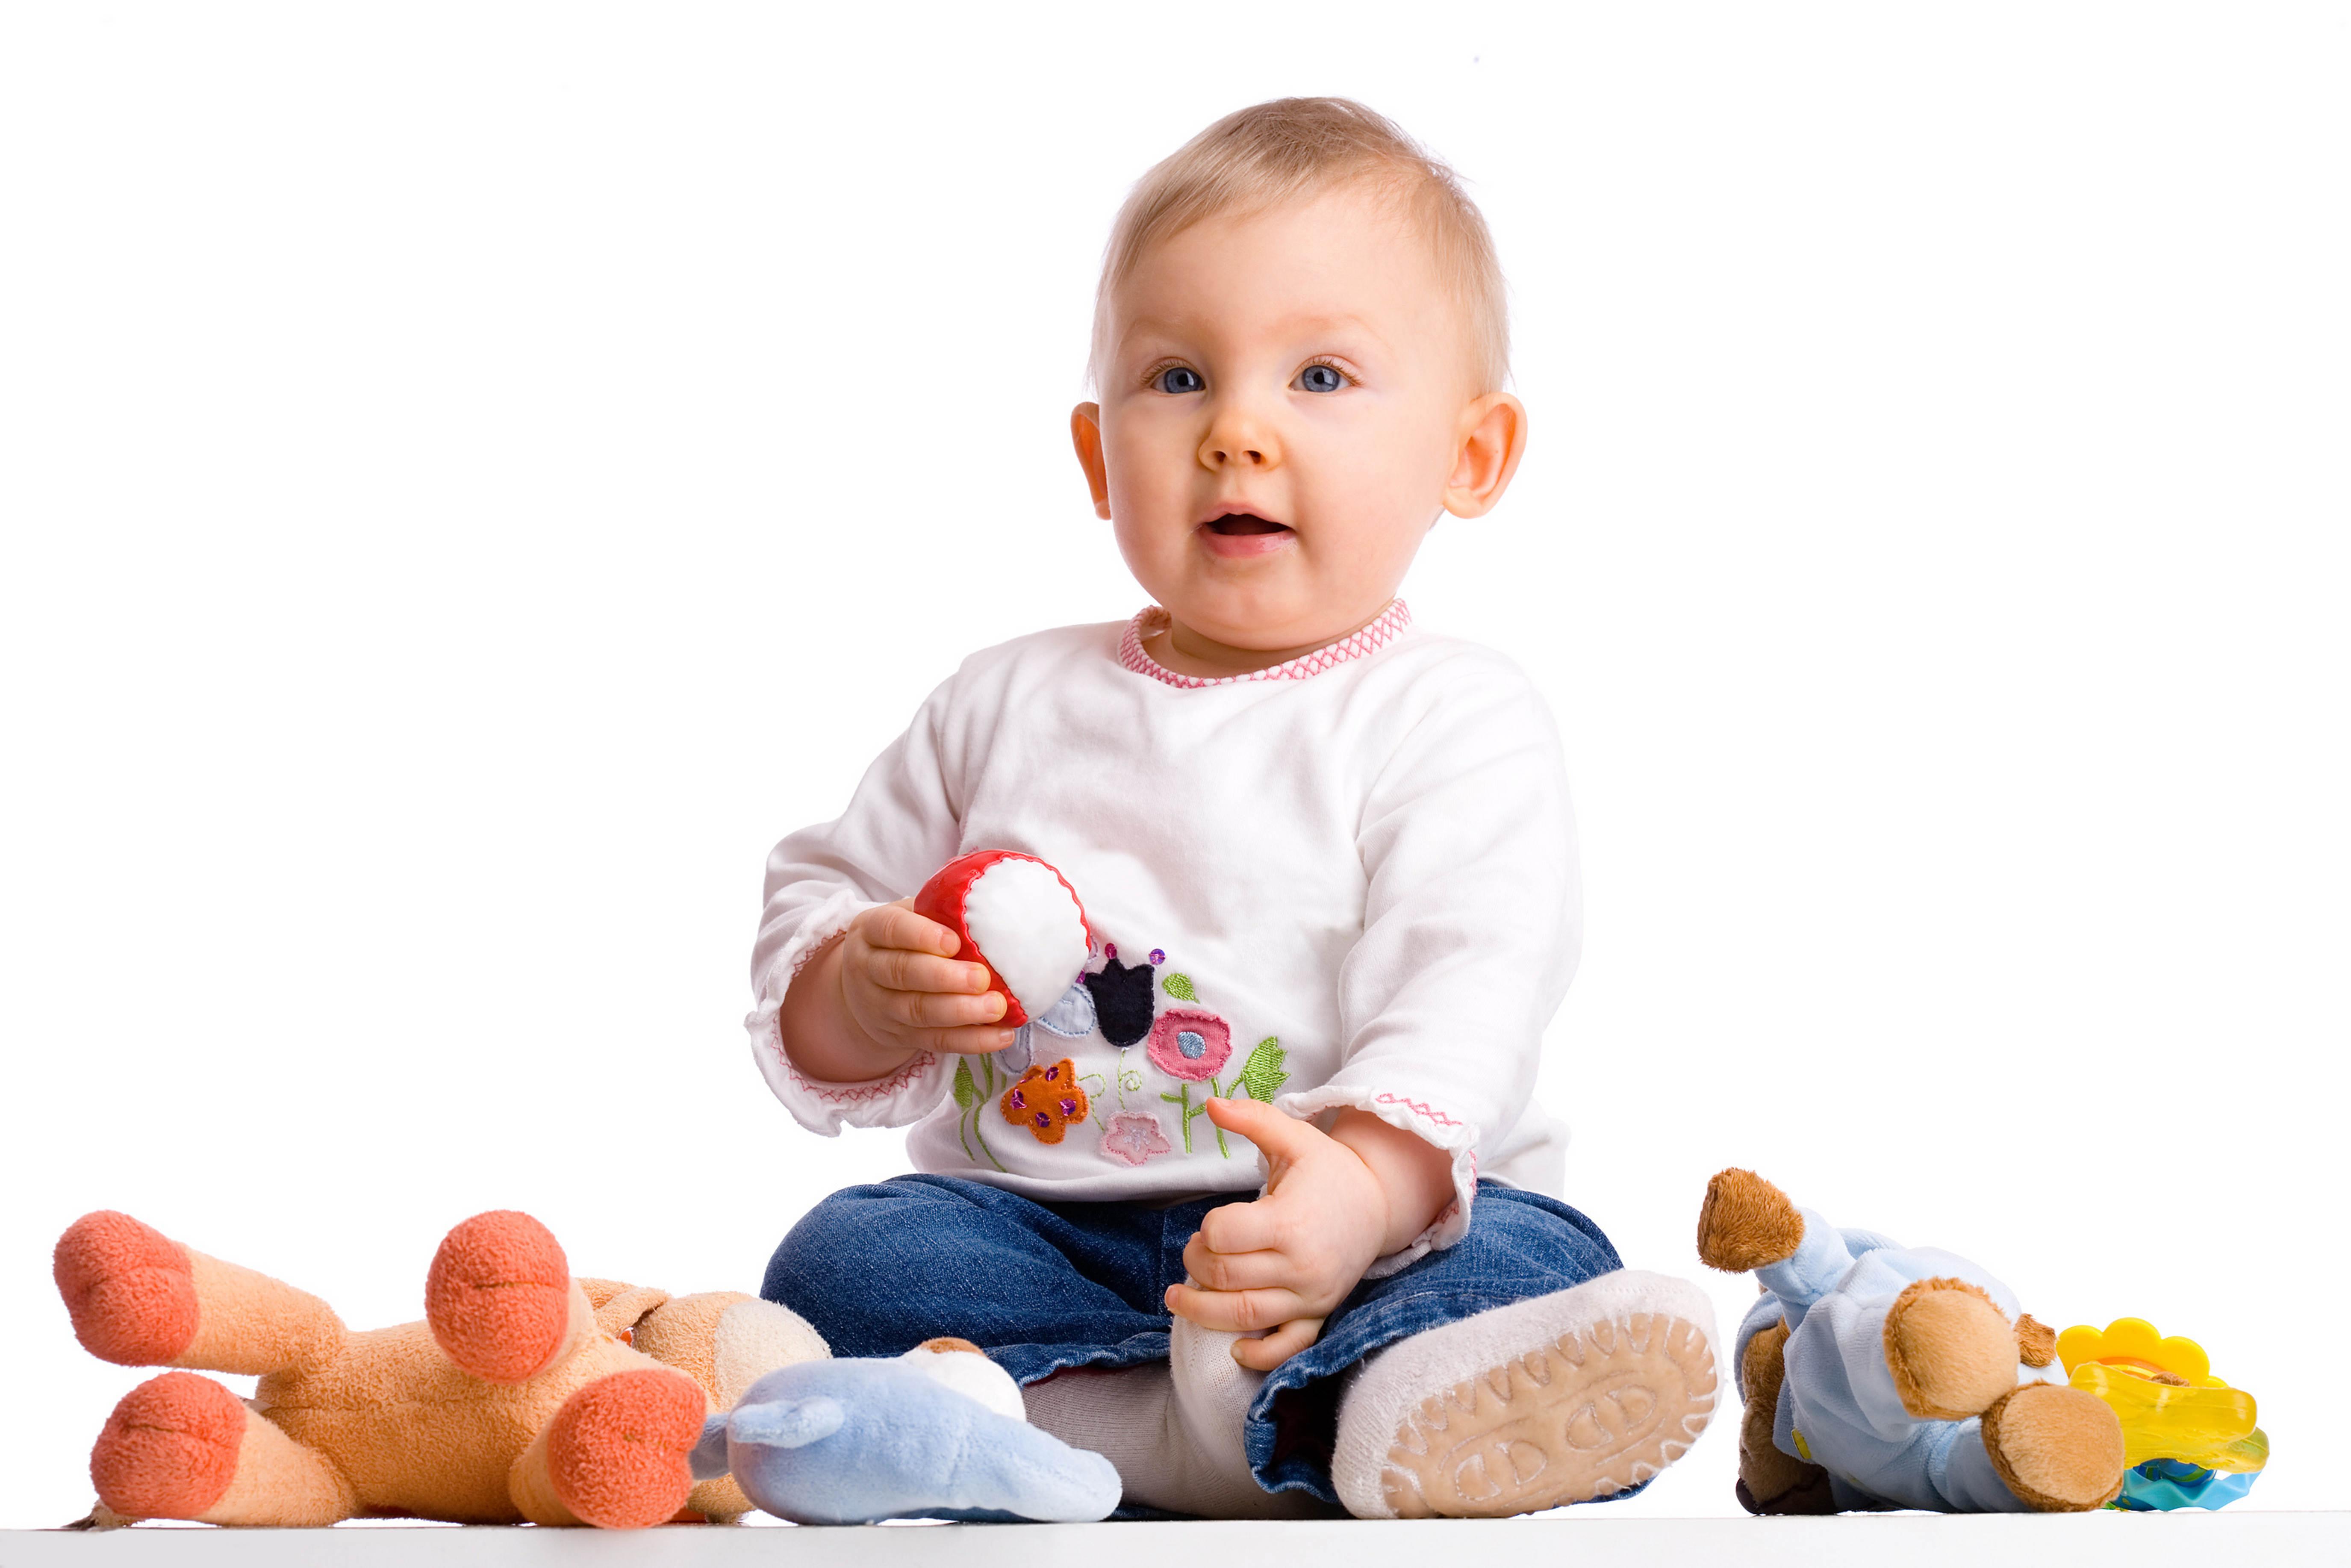 Дети с игрушками. Общий фотоальбом 33